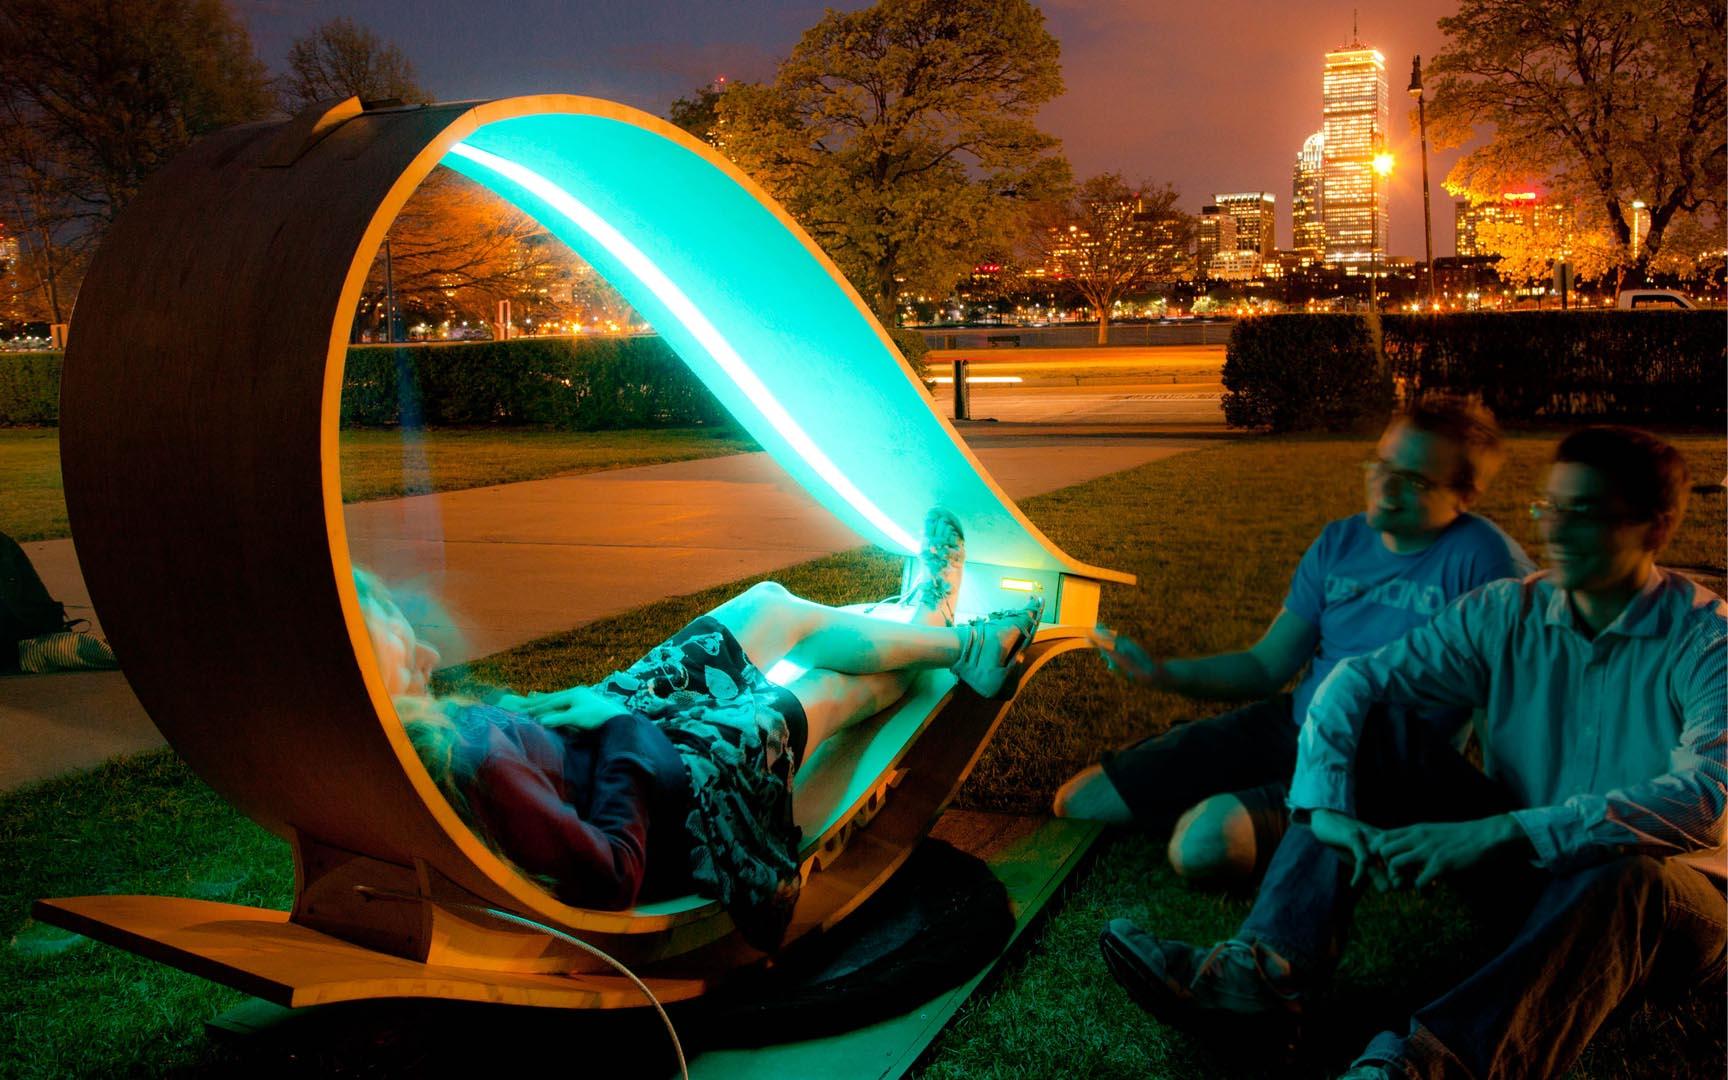 mit-soft-rocker-solar-powered-sun-lounger5